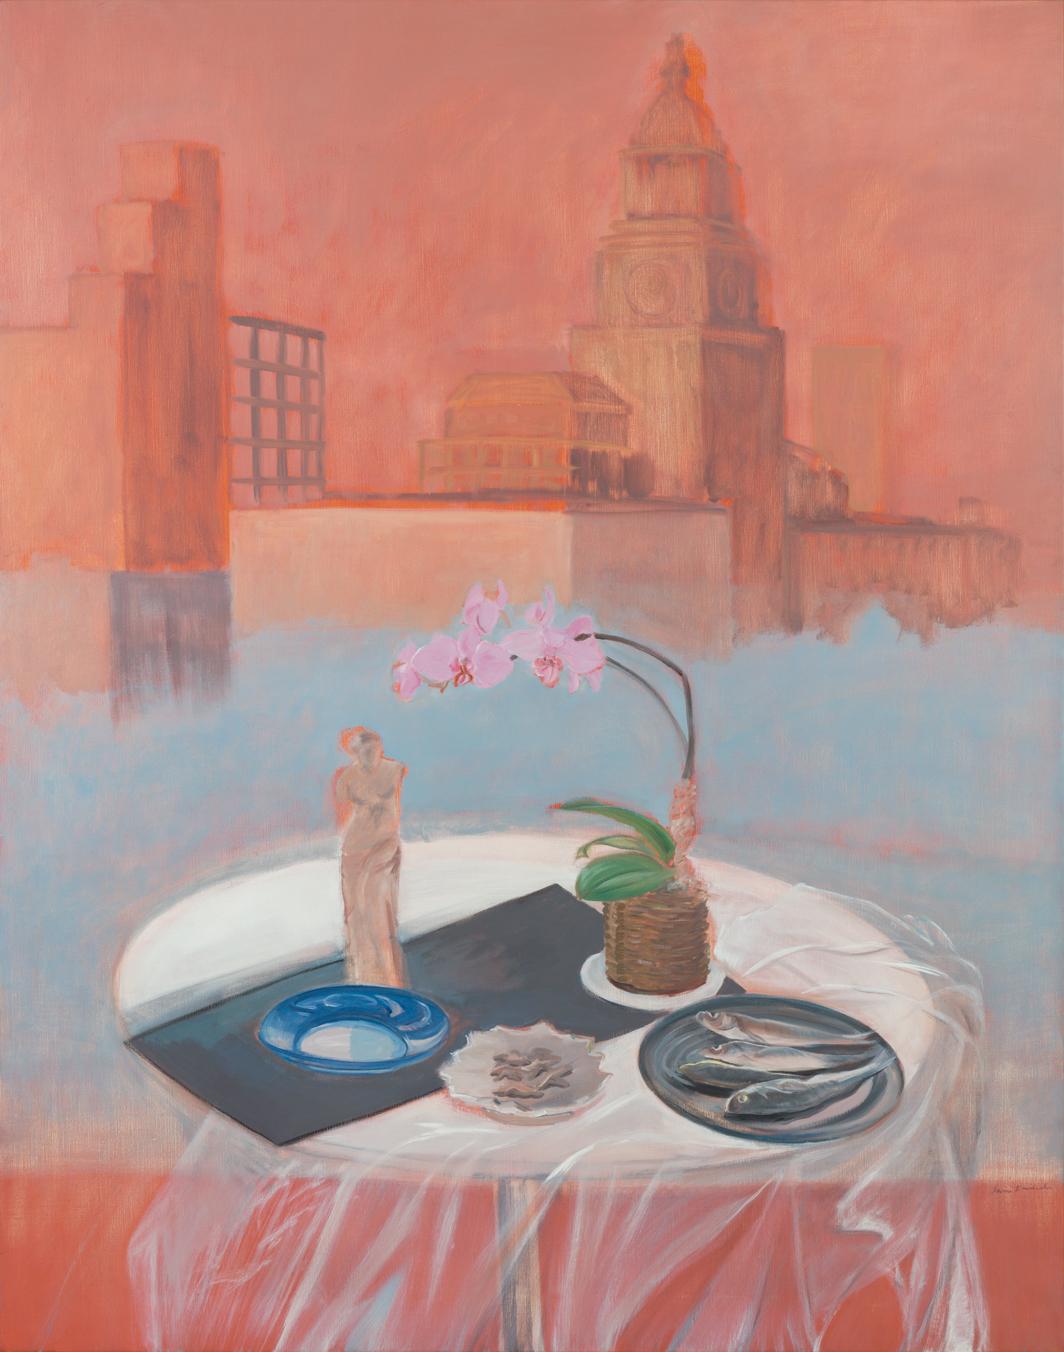 Jane Freilicher, Parts of a World, 1987, oil on linen, 68 1⁄2 × 53